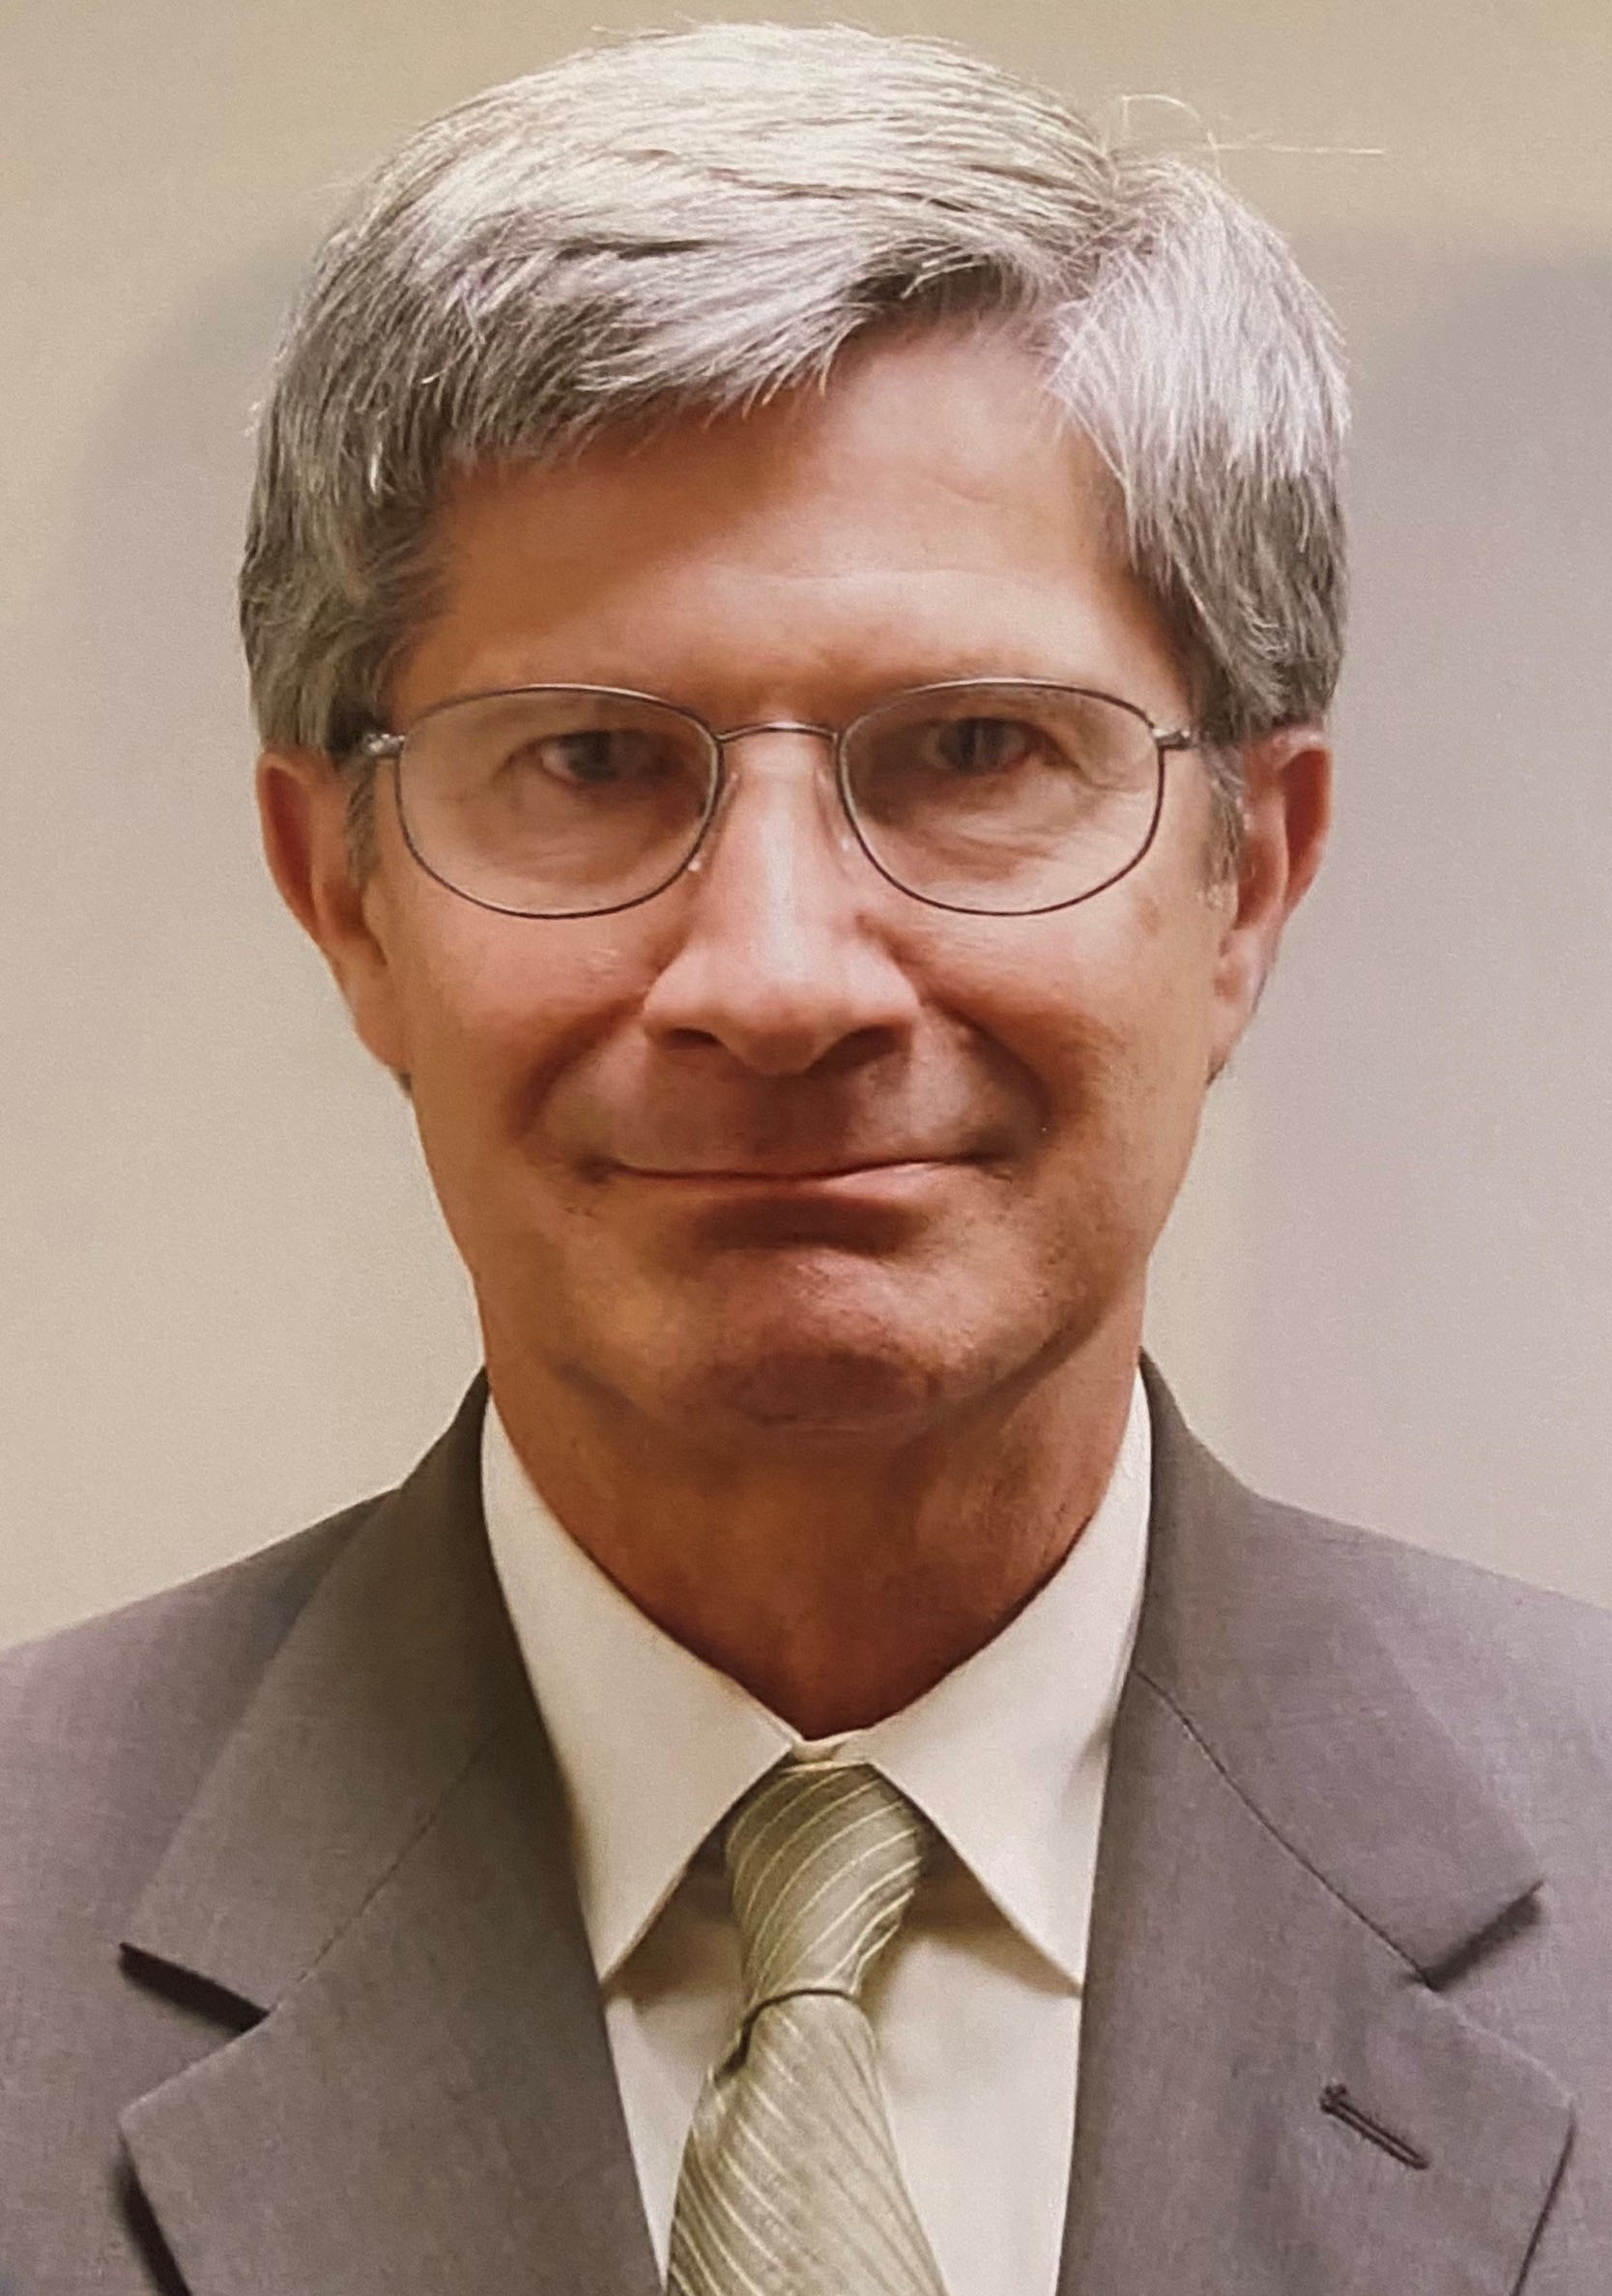 Steven E. Achelpohl